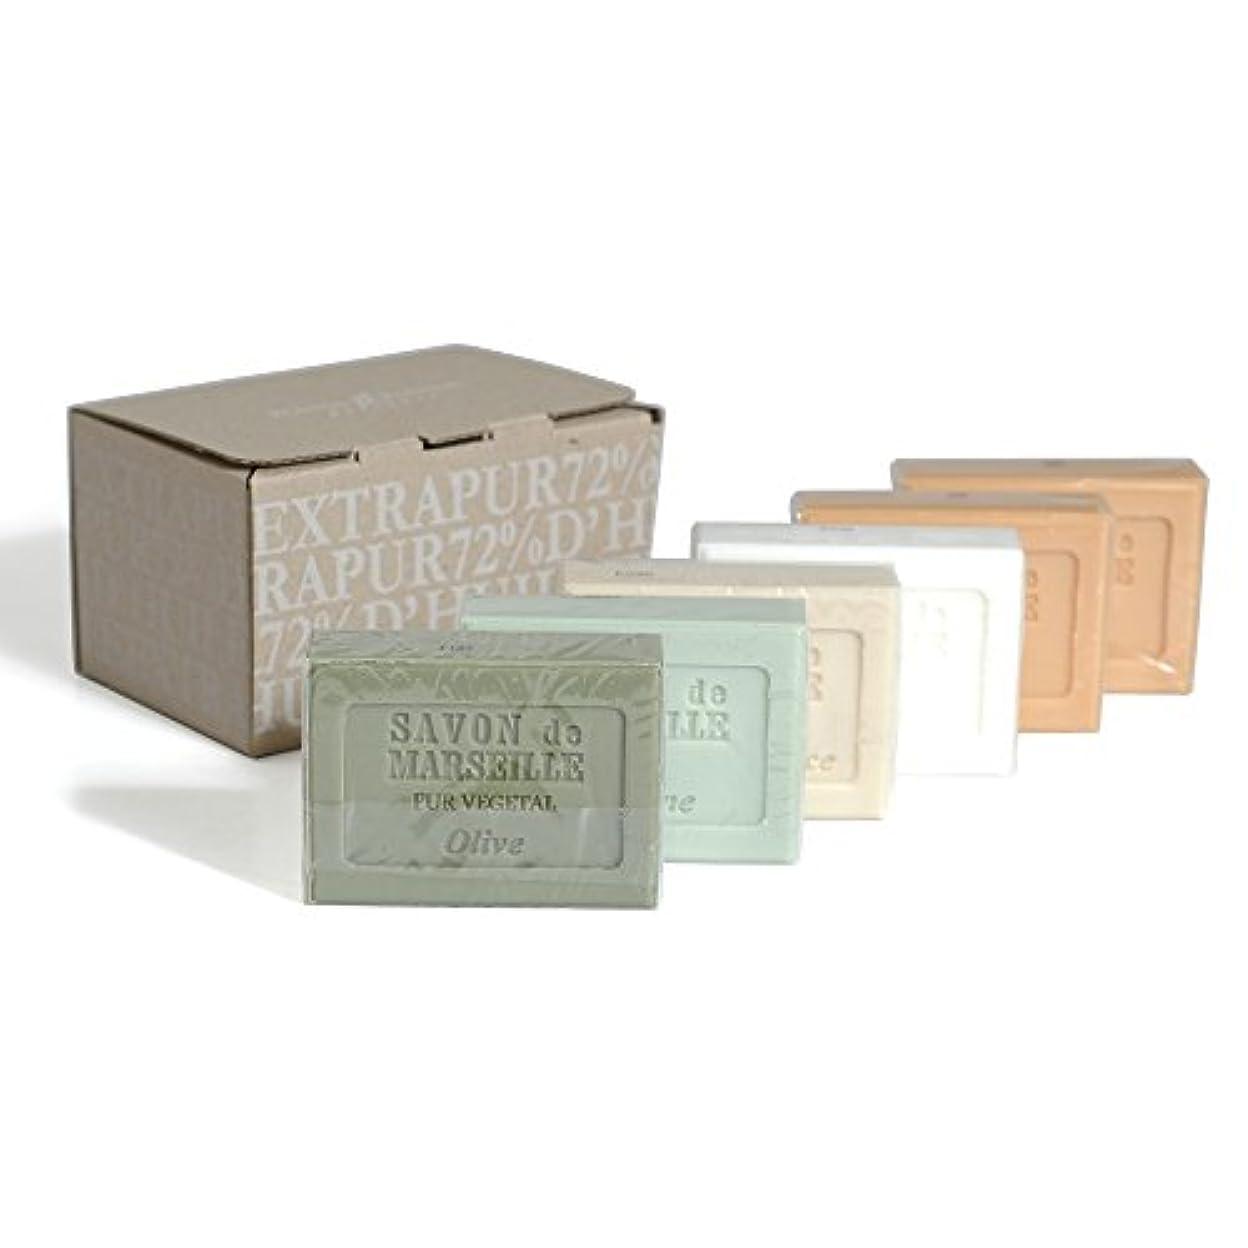 便利チョコレートフェリーPlantes&Parfums [プランツ&パルファム] マルセイユソープセット 6pcs.